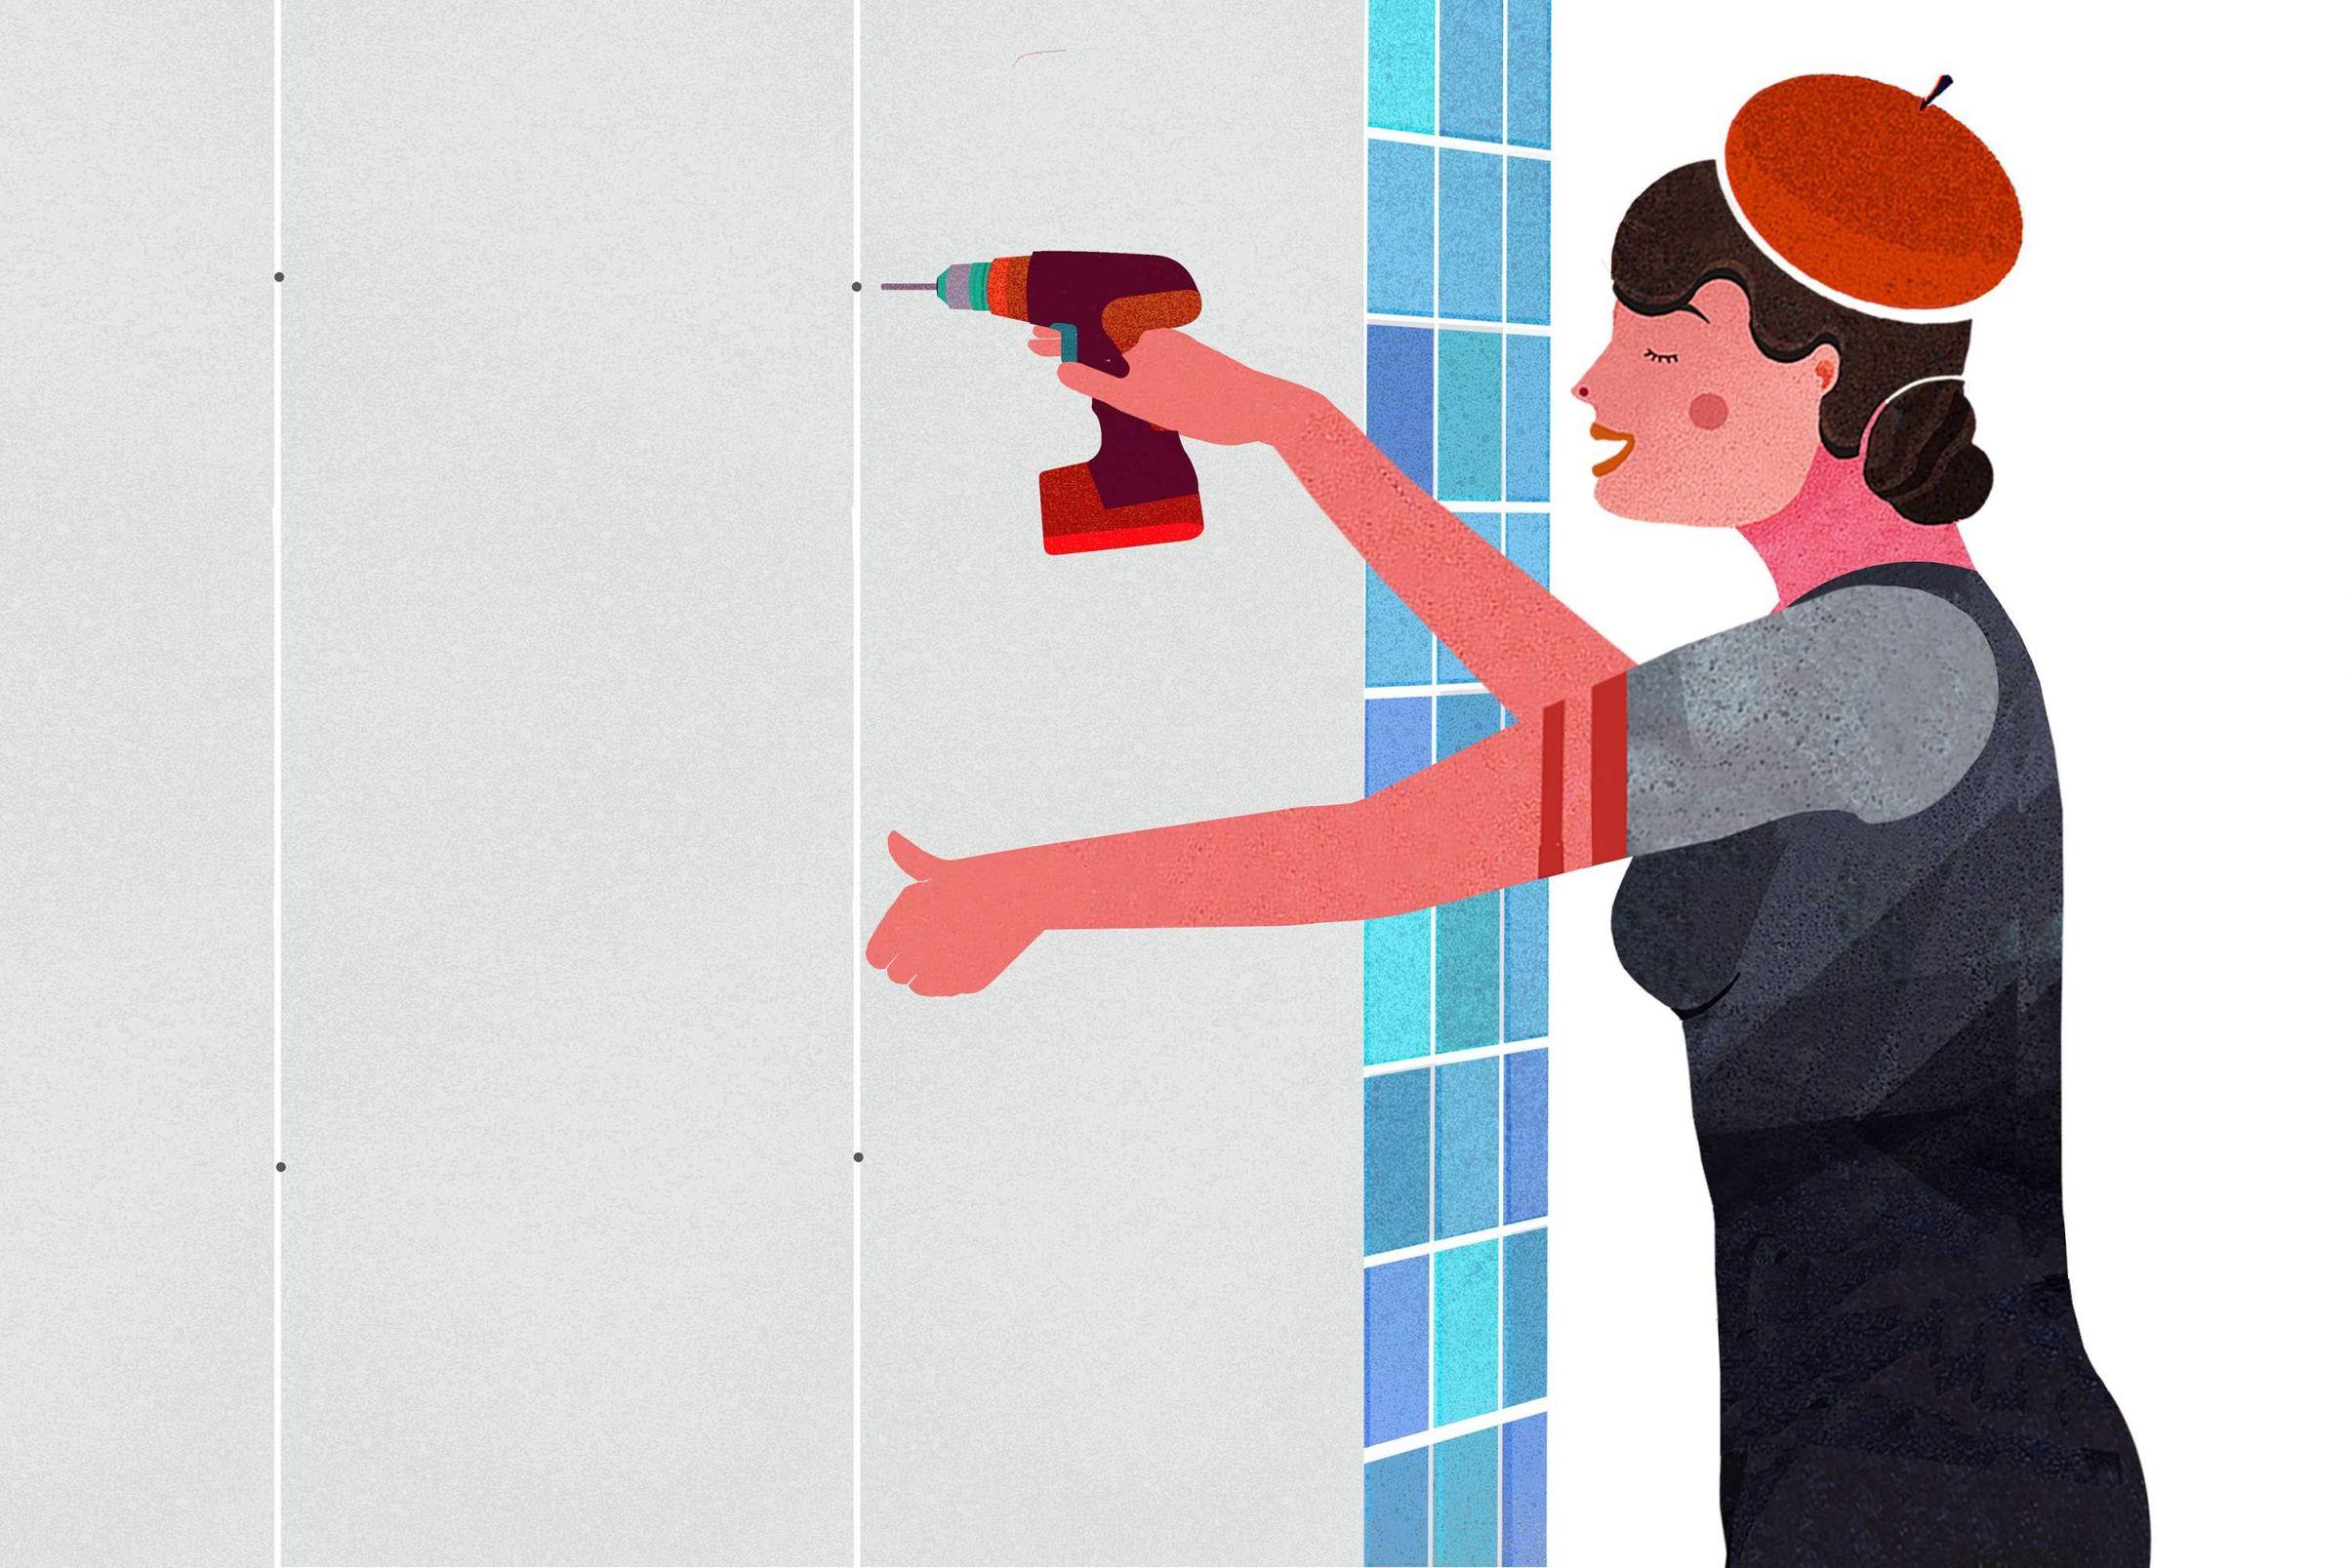 Comment-tapisser-dans-les-salles-de-bains-Fixer-des-plaques-de-placoplatre-percer-des-trous-dans-les-joints